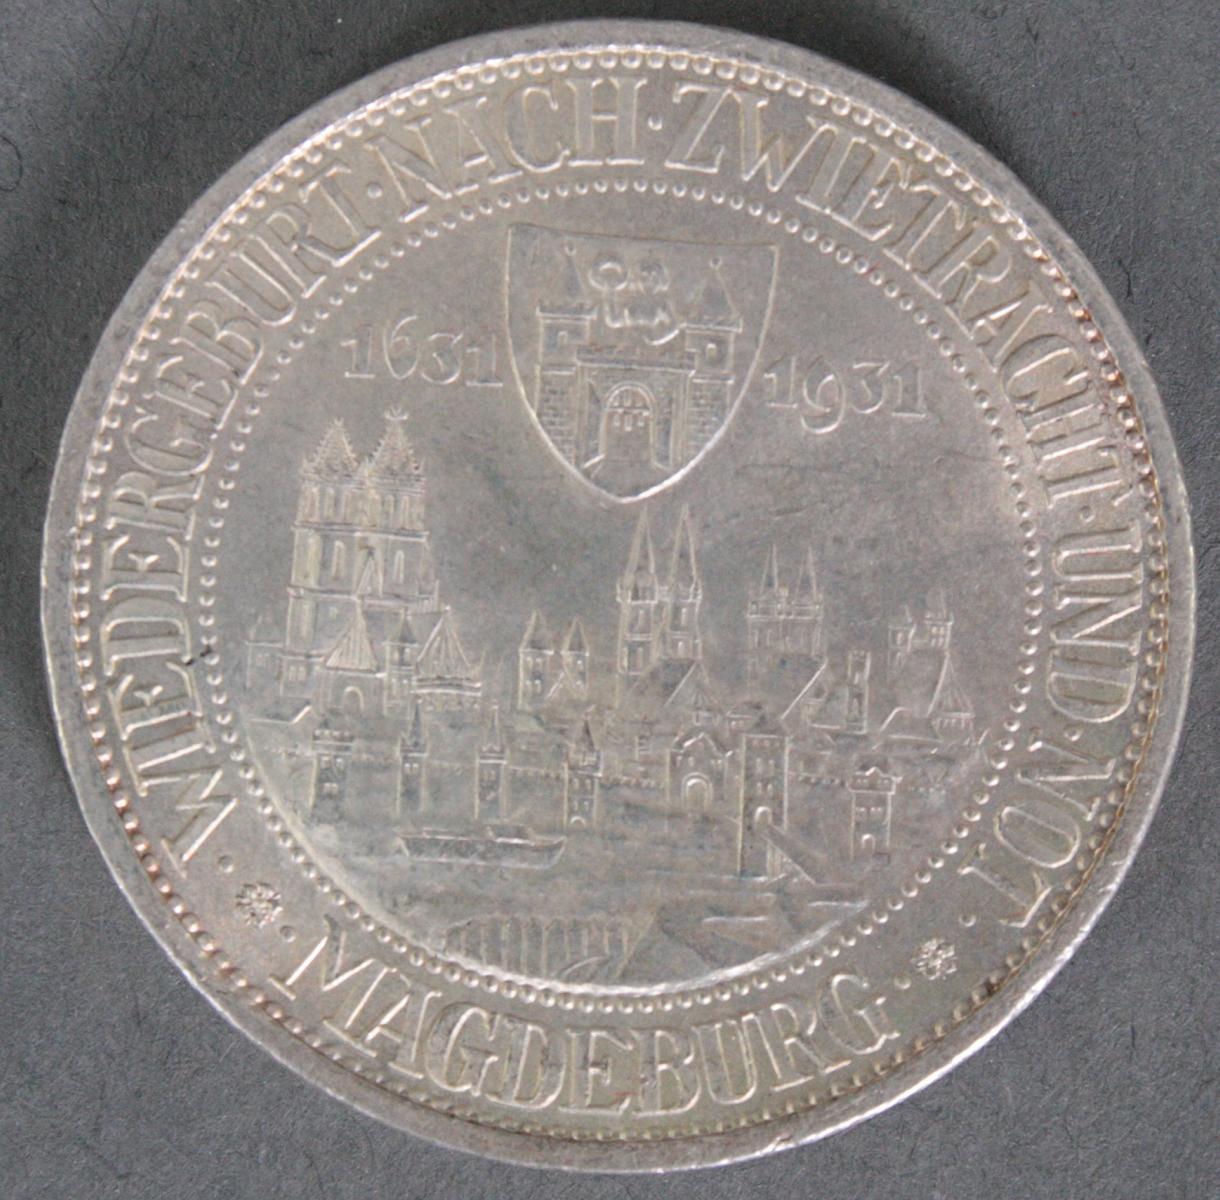 3 Reichsmark 1931-2